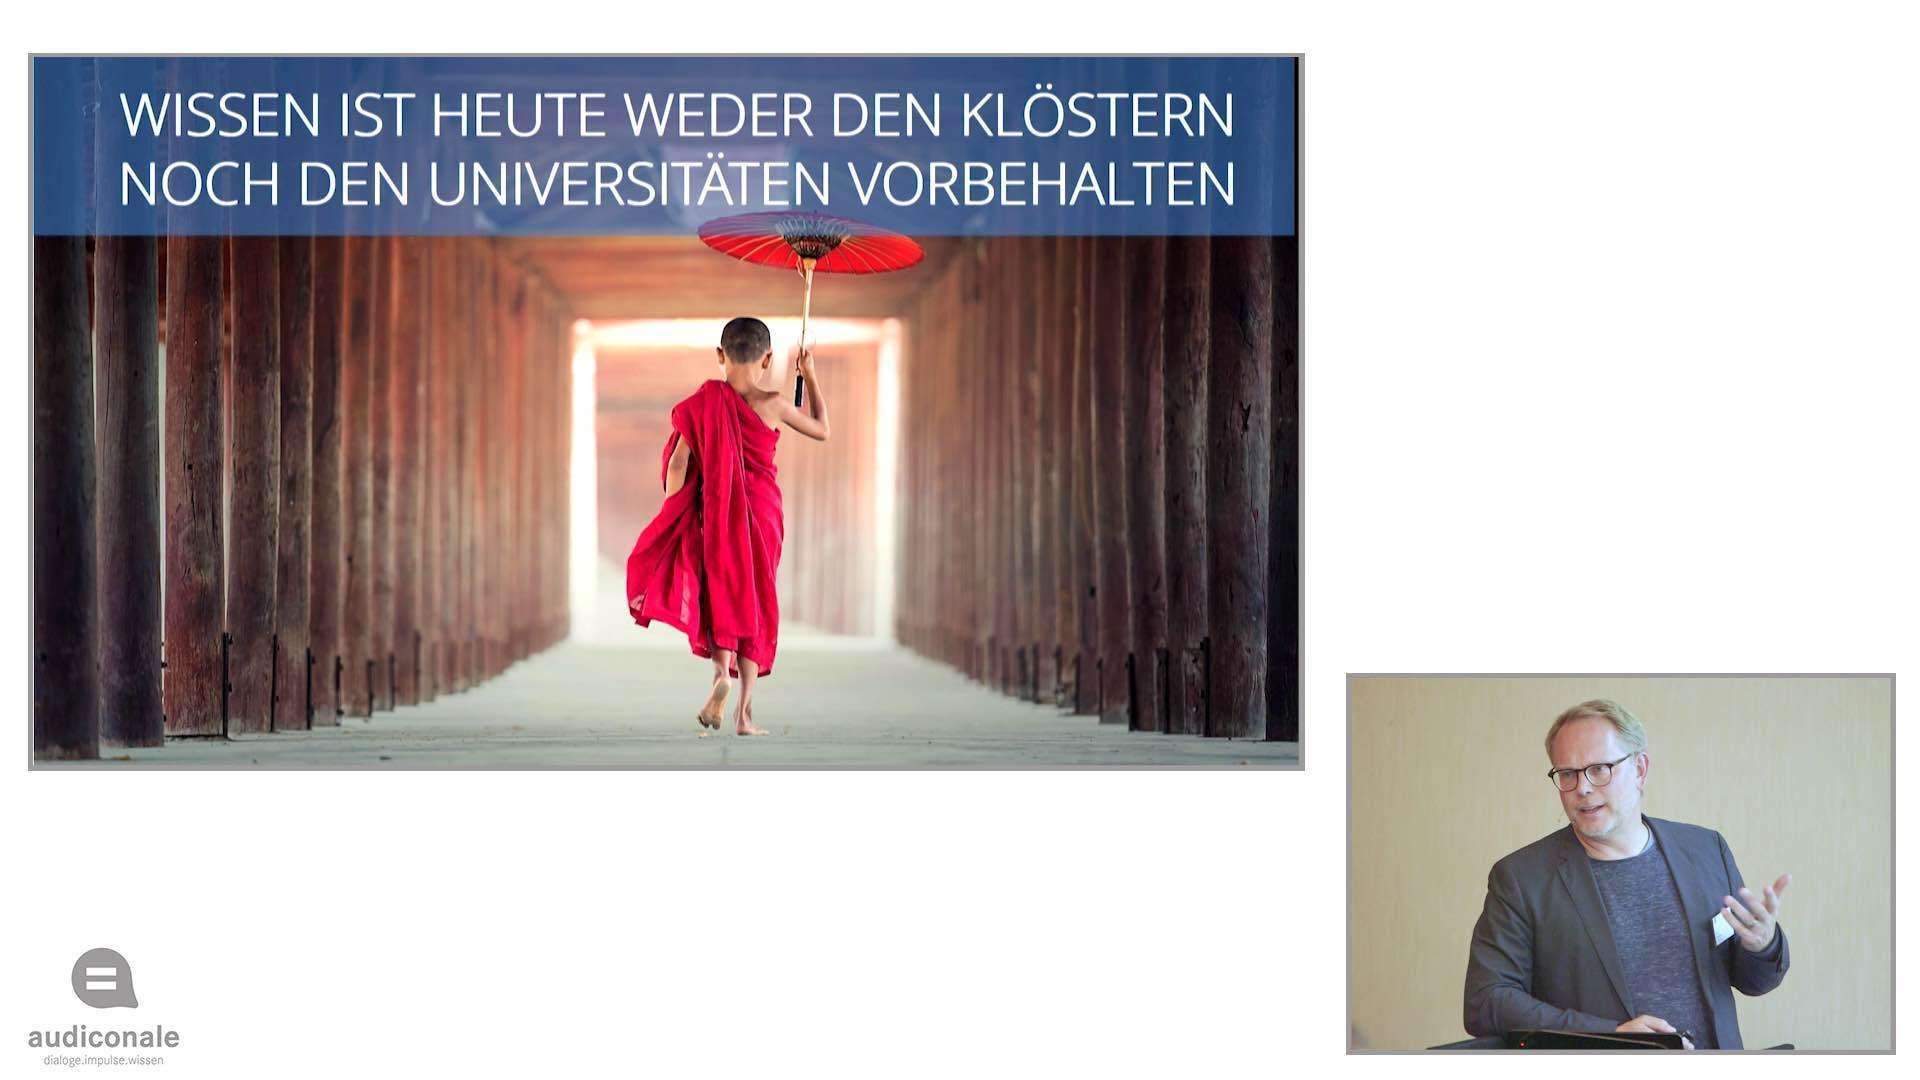 Auf dem ersten Bild läuft ein junger Mönch mit einem Sonnenschirm durch eine Holzbrücke und auf dem zweiten Bild hält ein Mann im Anzug einen Vortrag